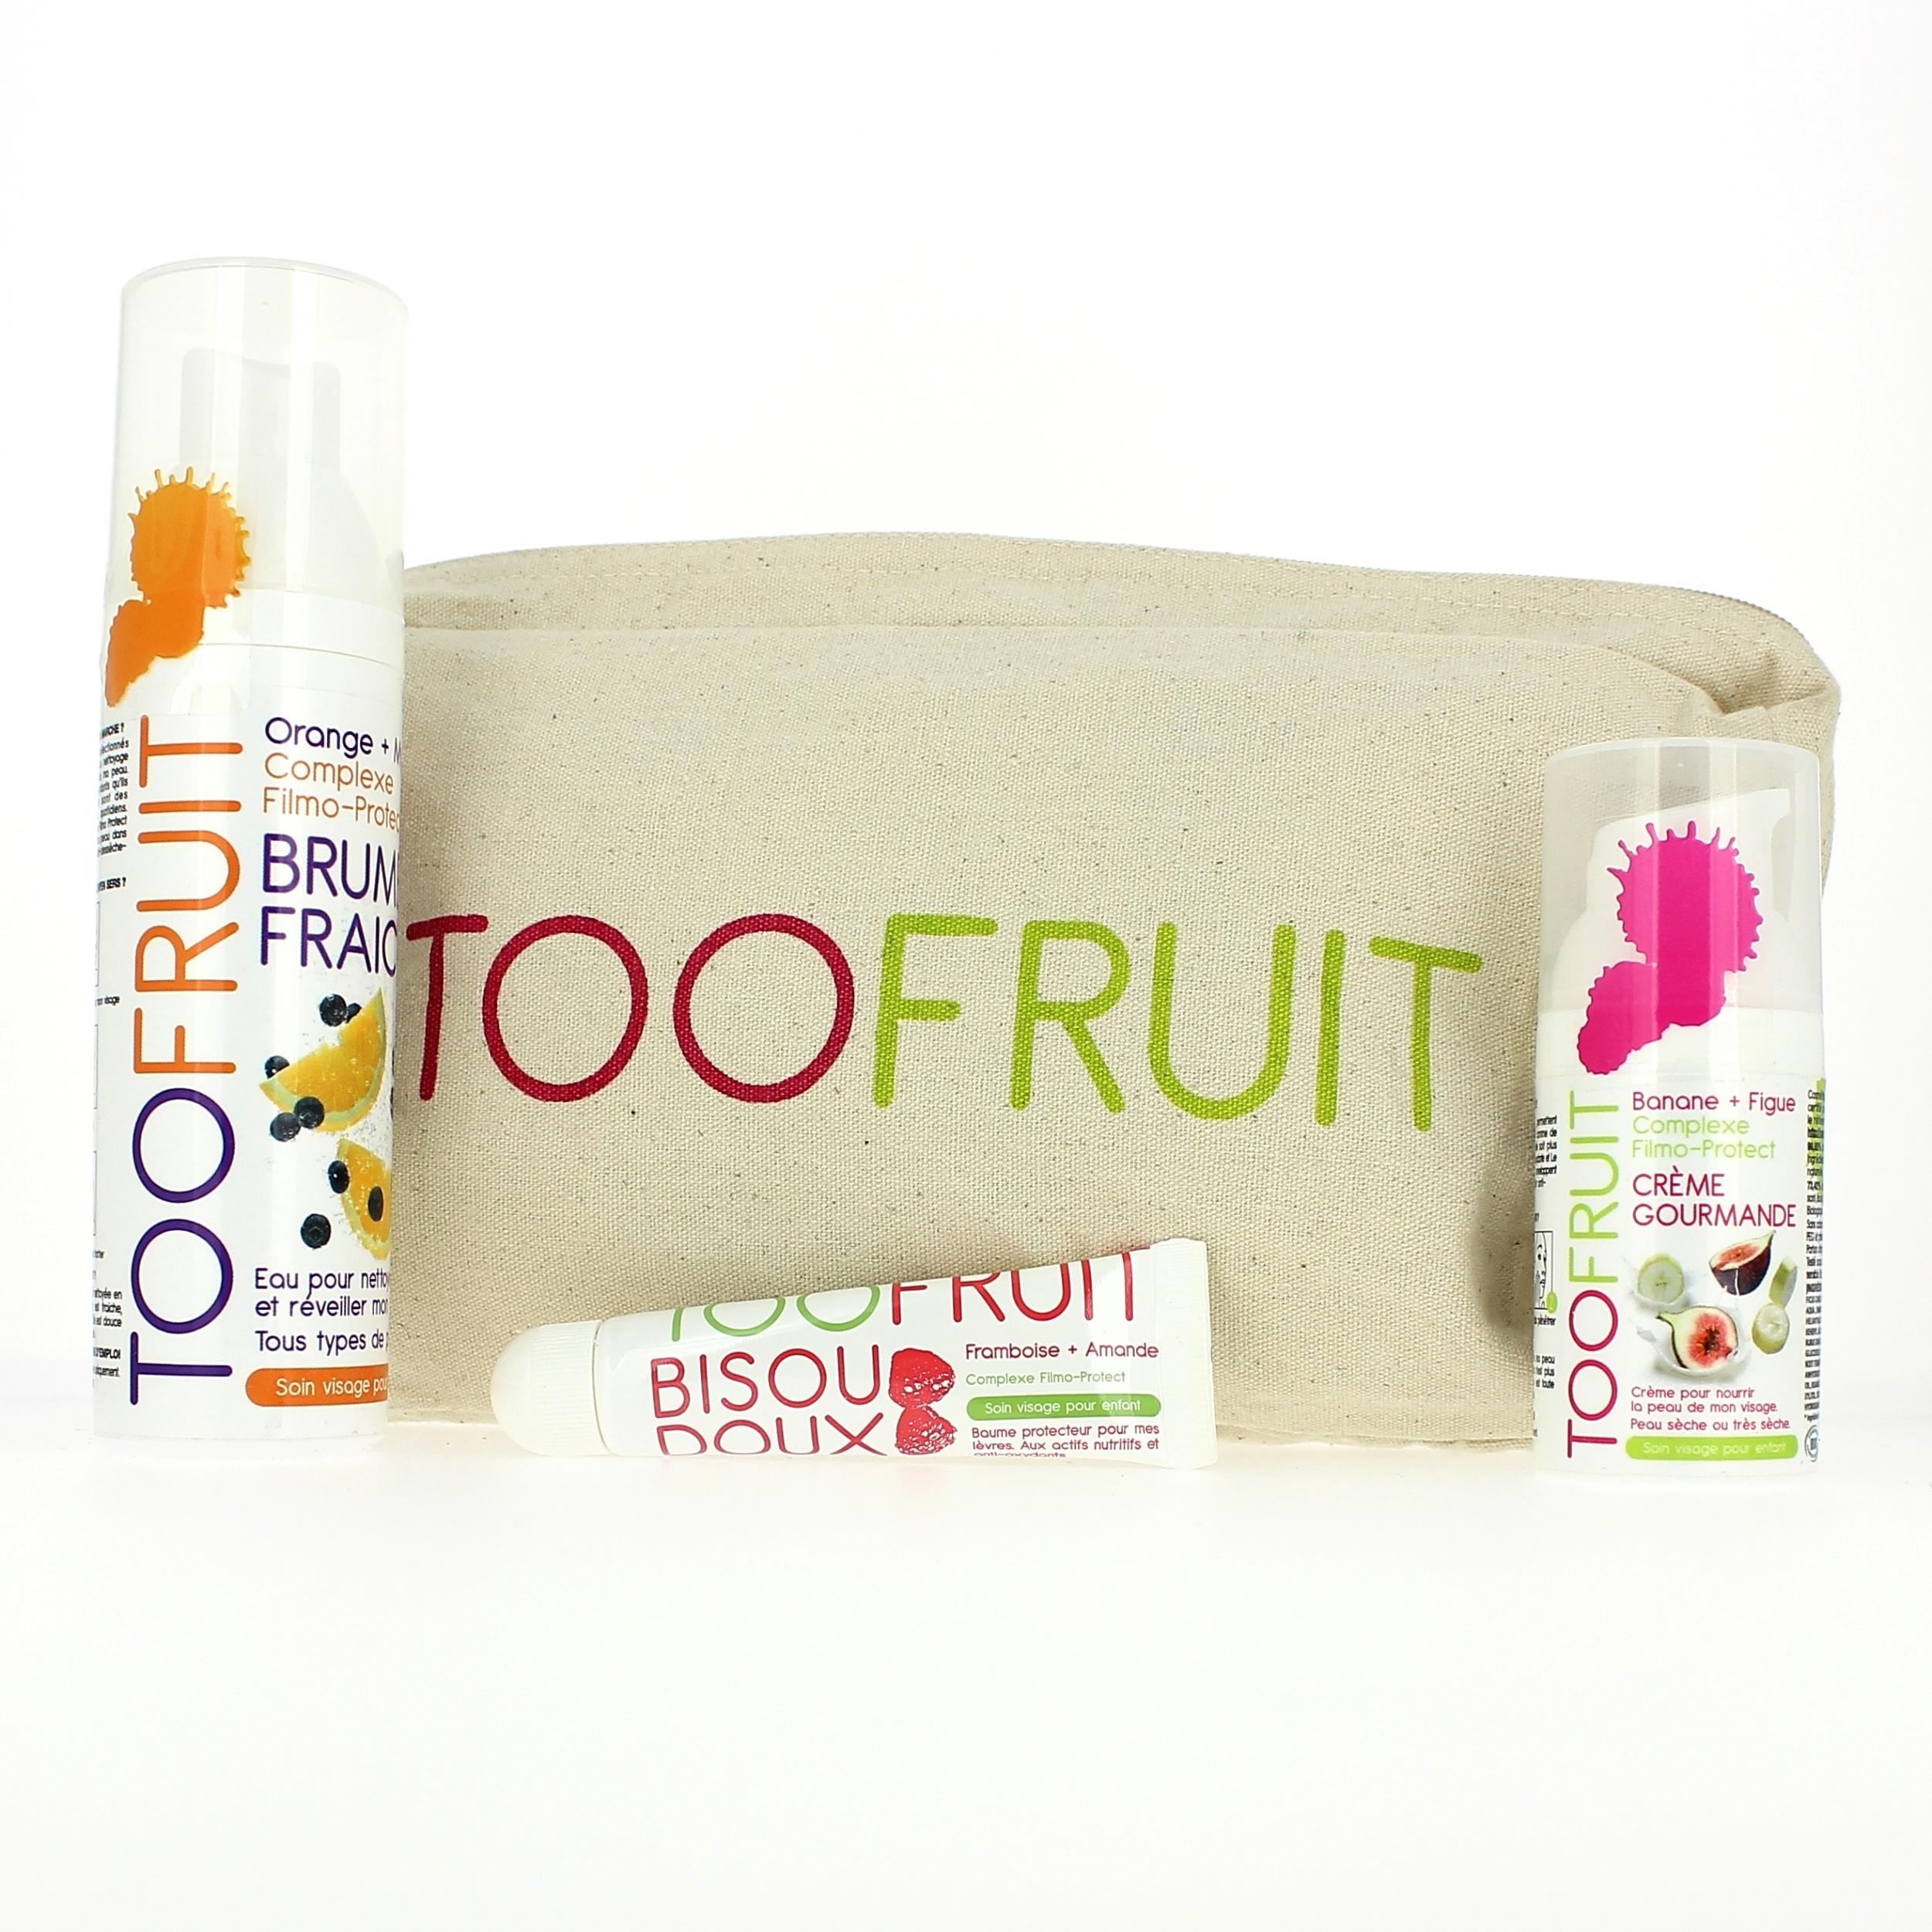 Doux Good - Toofruit - trousse enfants peau seche